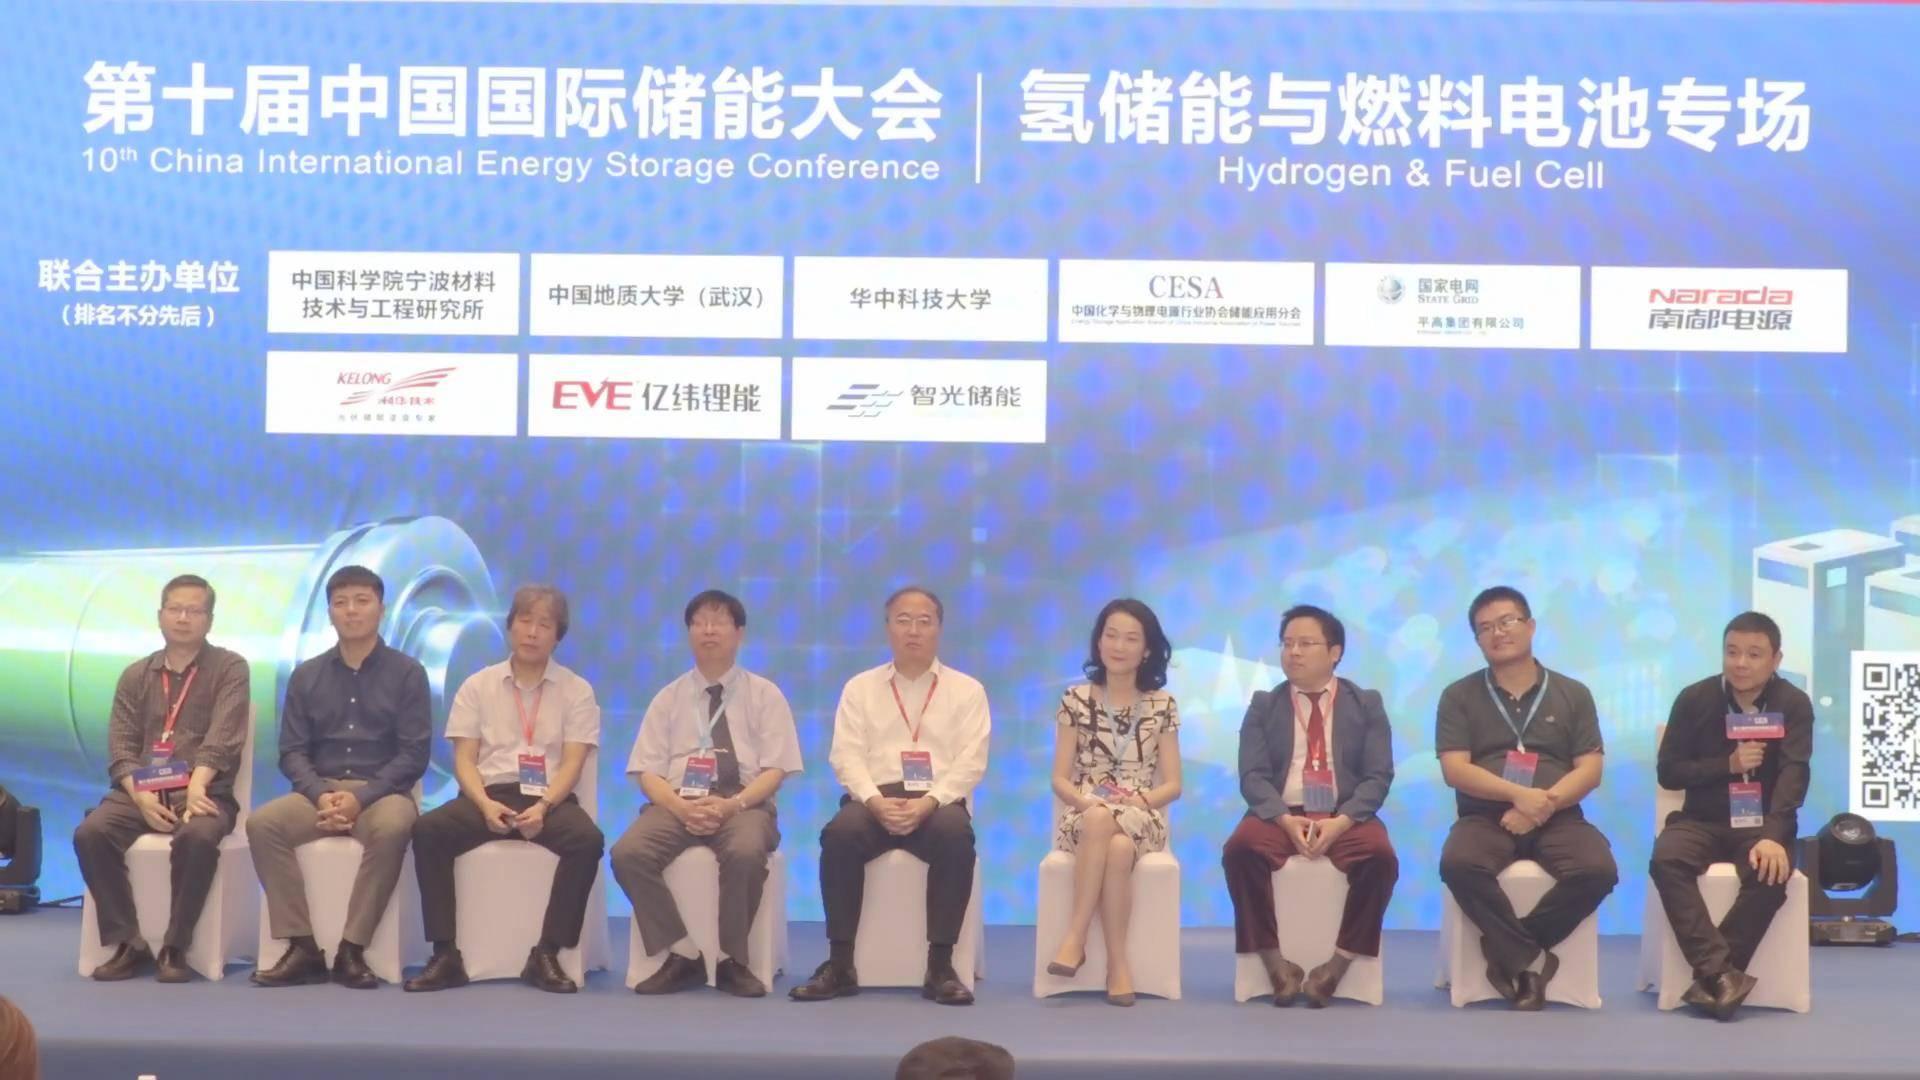 第十屆中國國際儲能大會互動對話